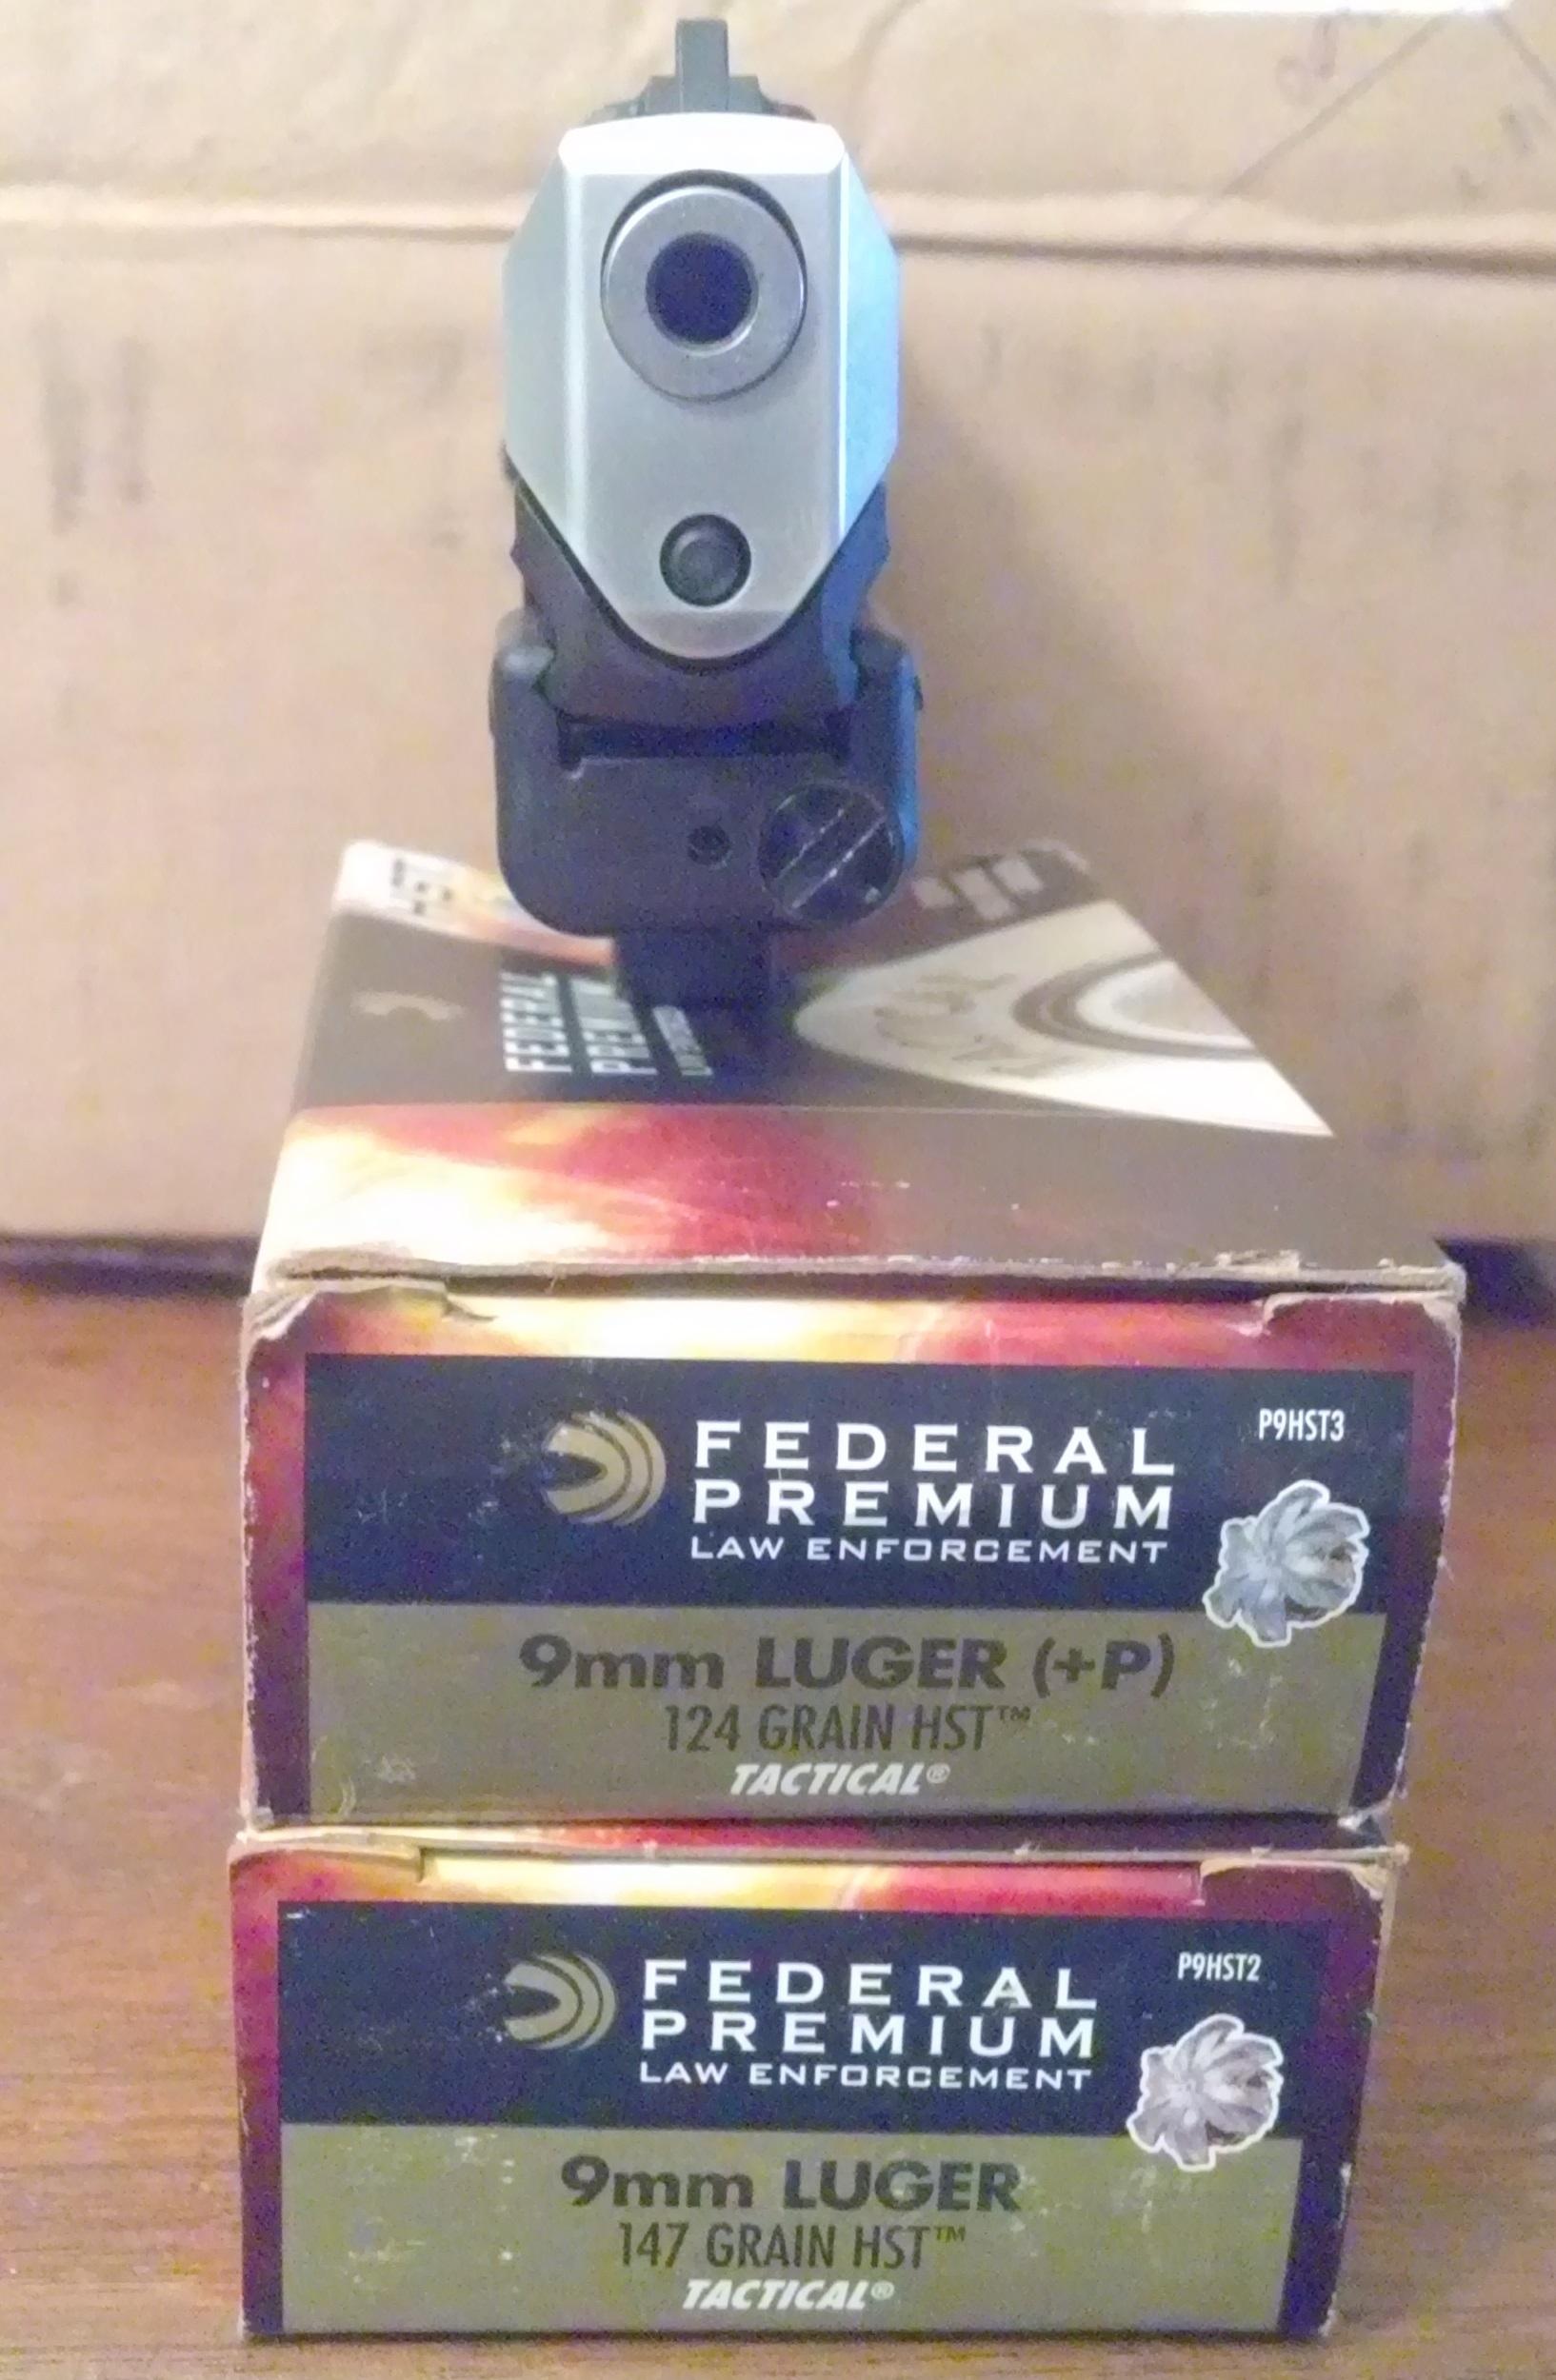 Laserlyte V4 For My SR-22-laserlyte3.jpg